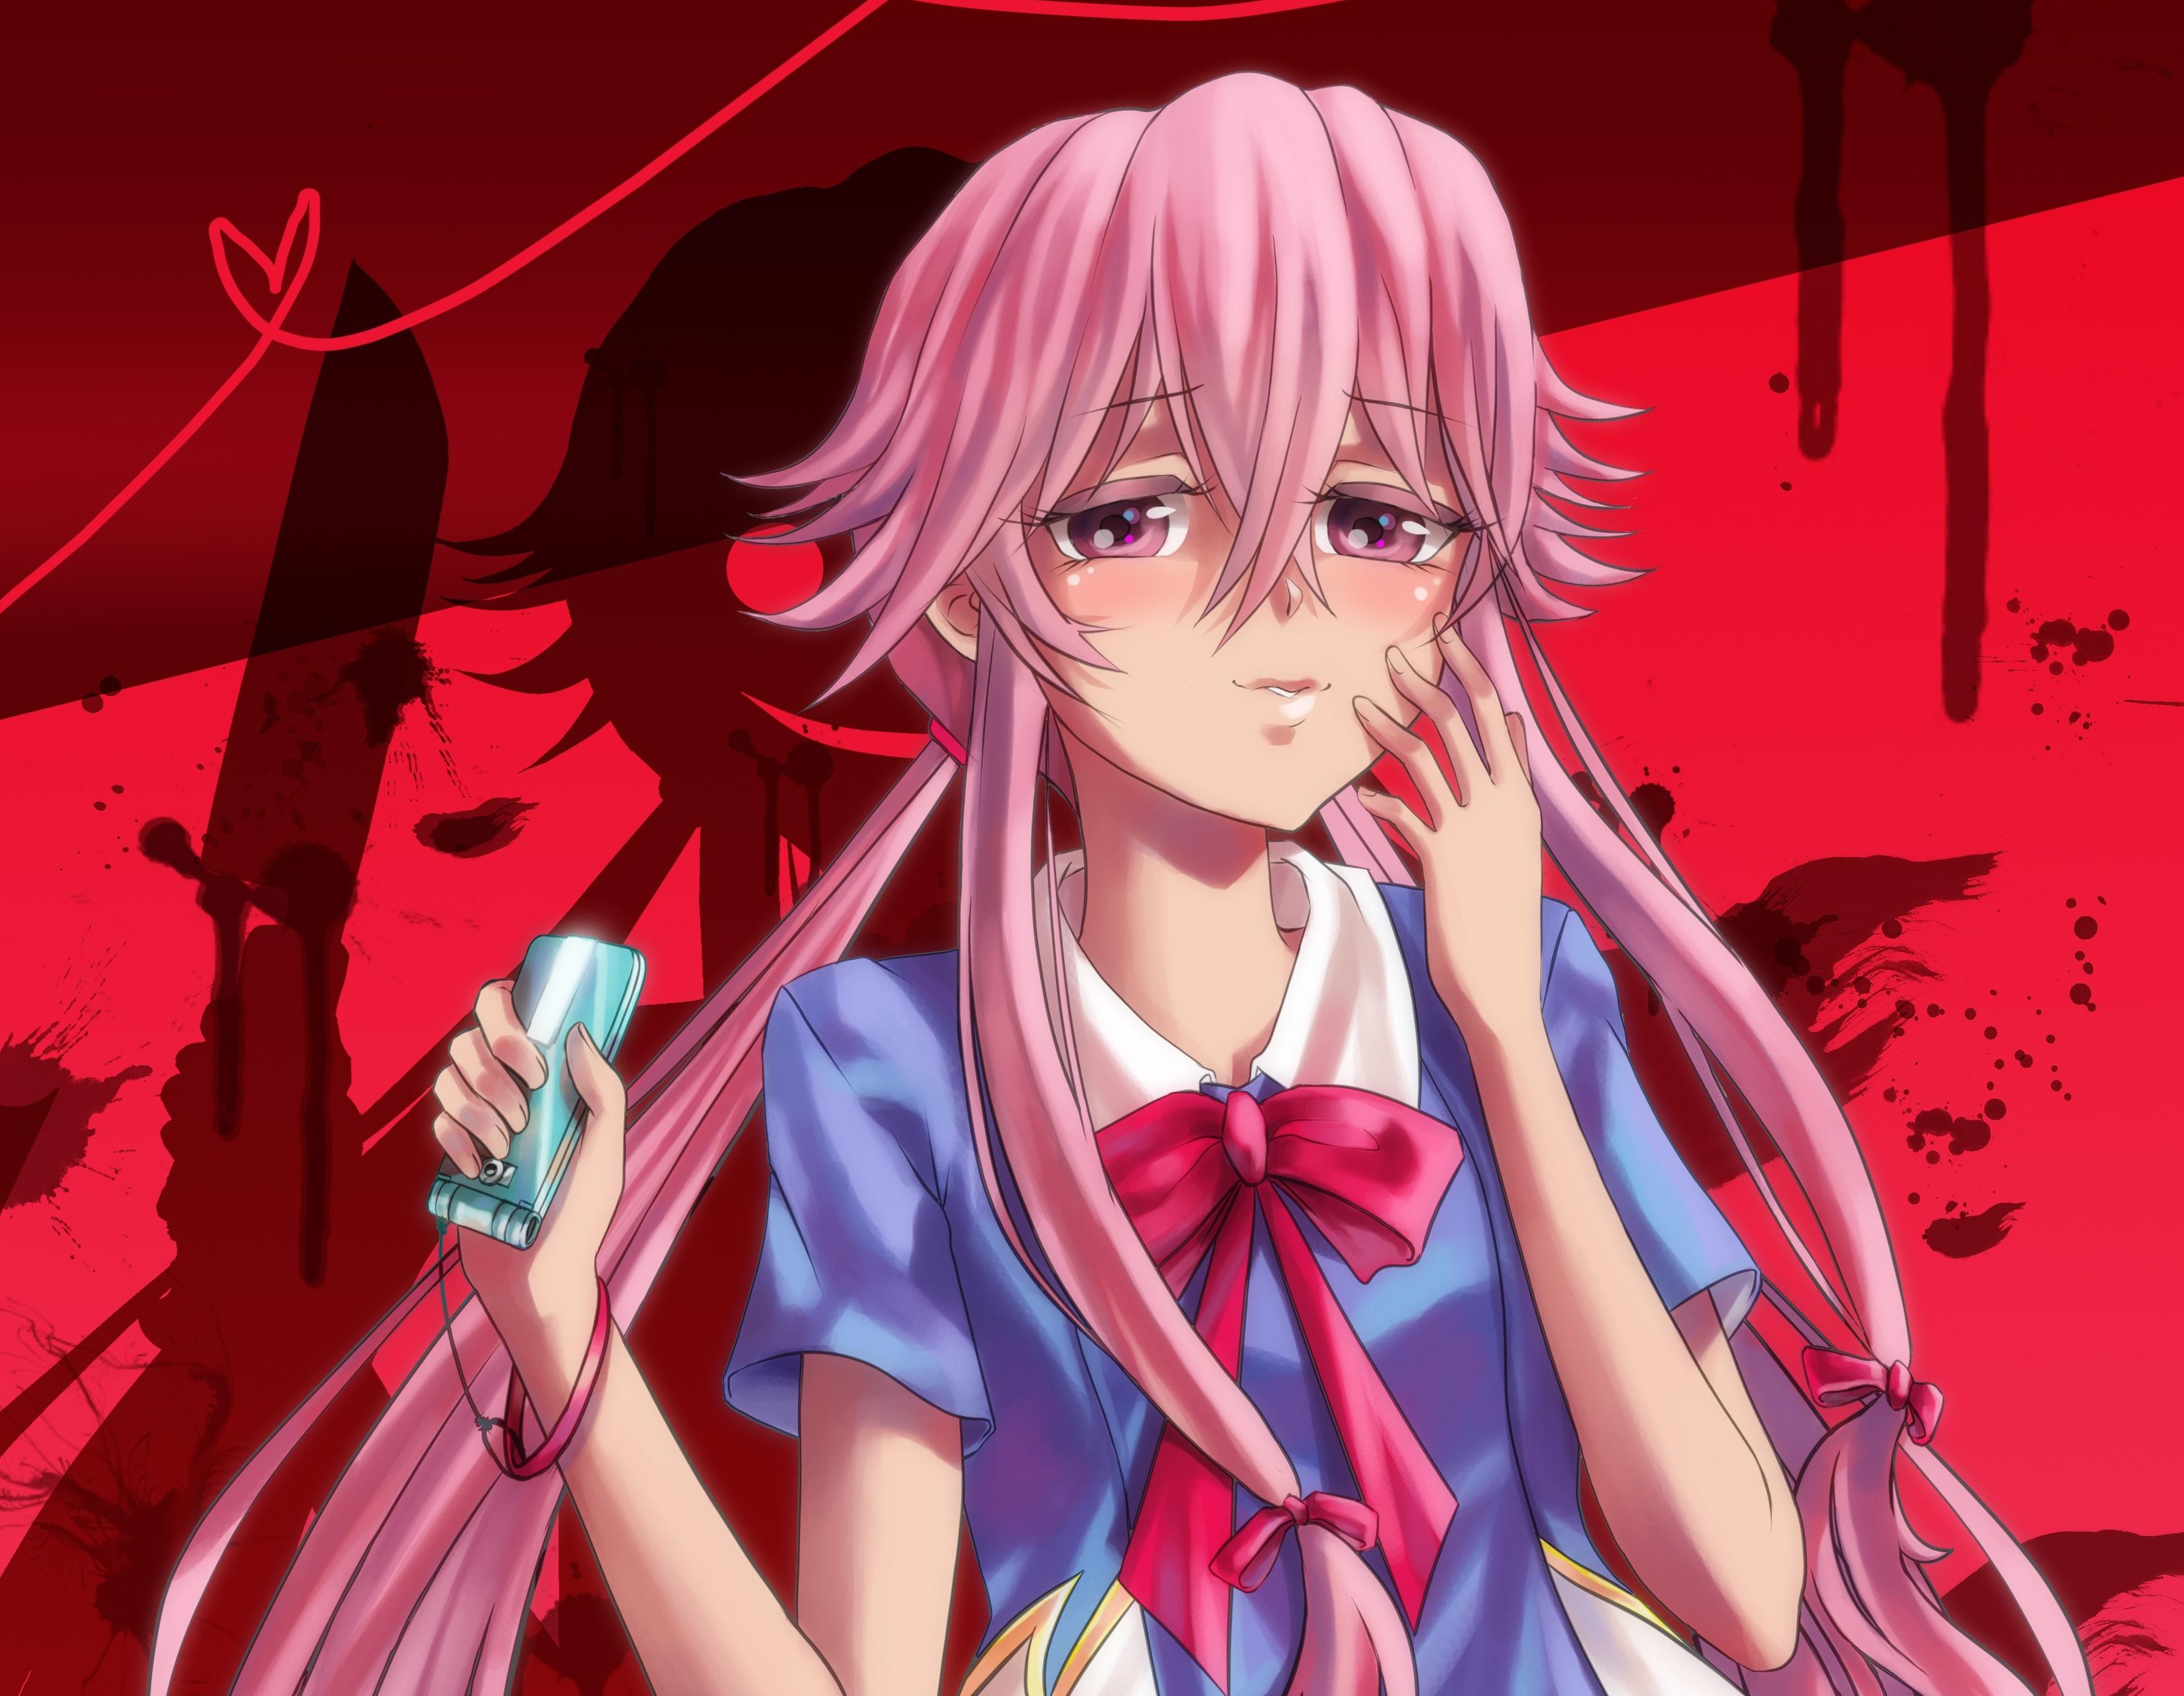 Yuno Gasai Mirai Nikki Yuno Art 216275 Hd Wallpaper